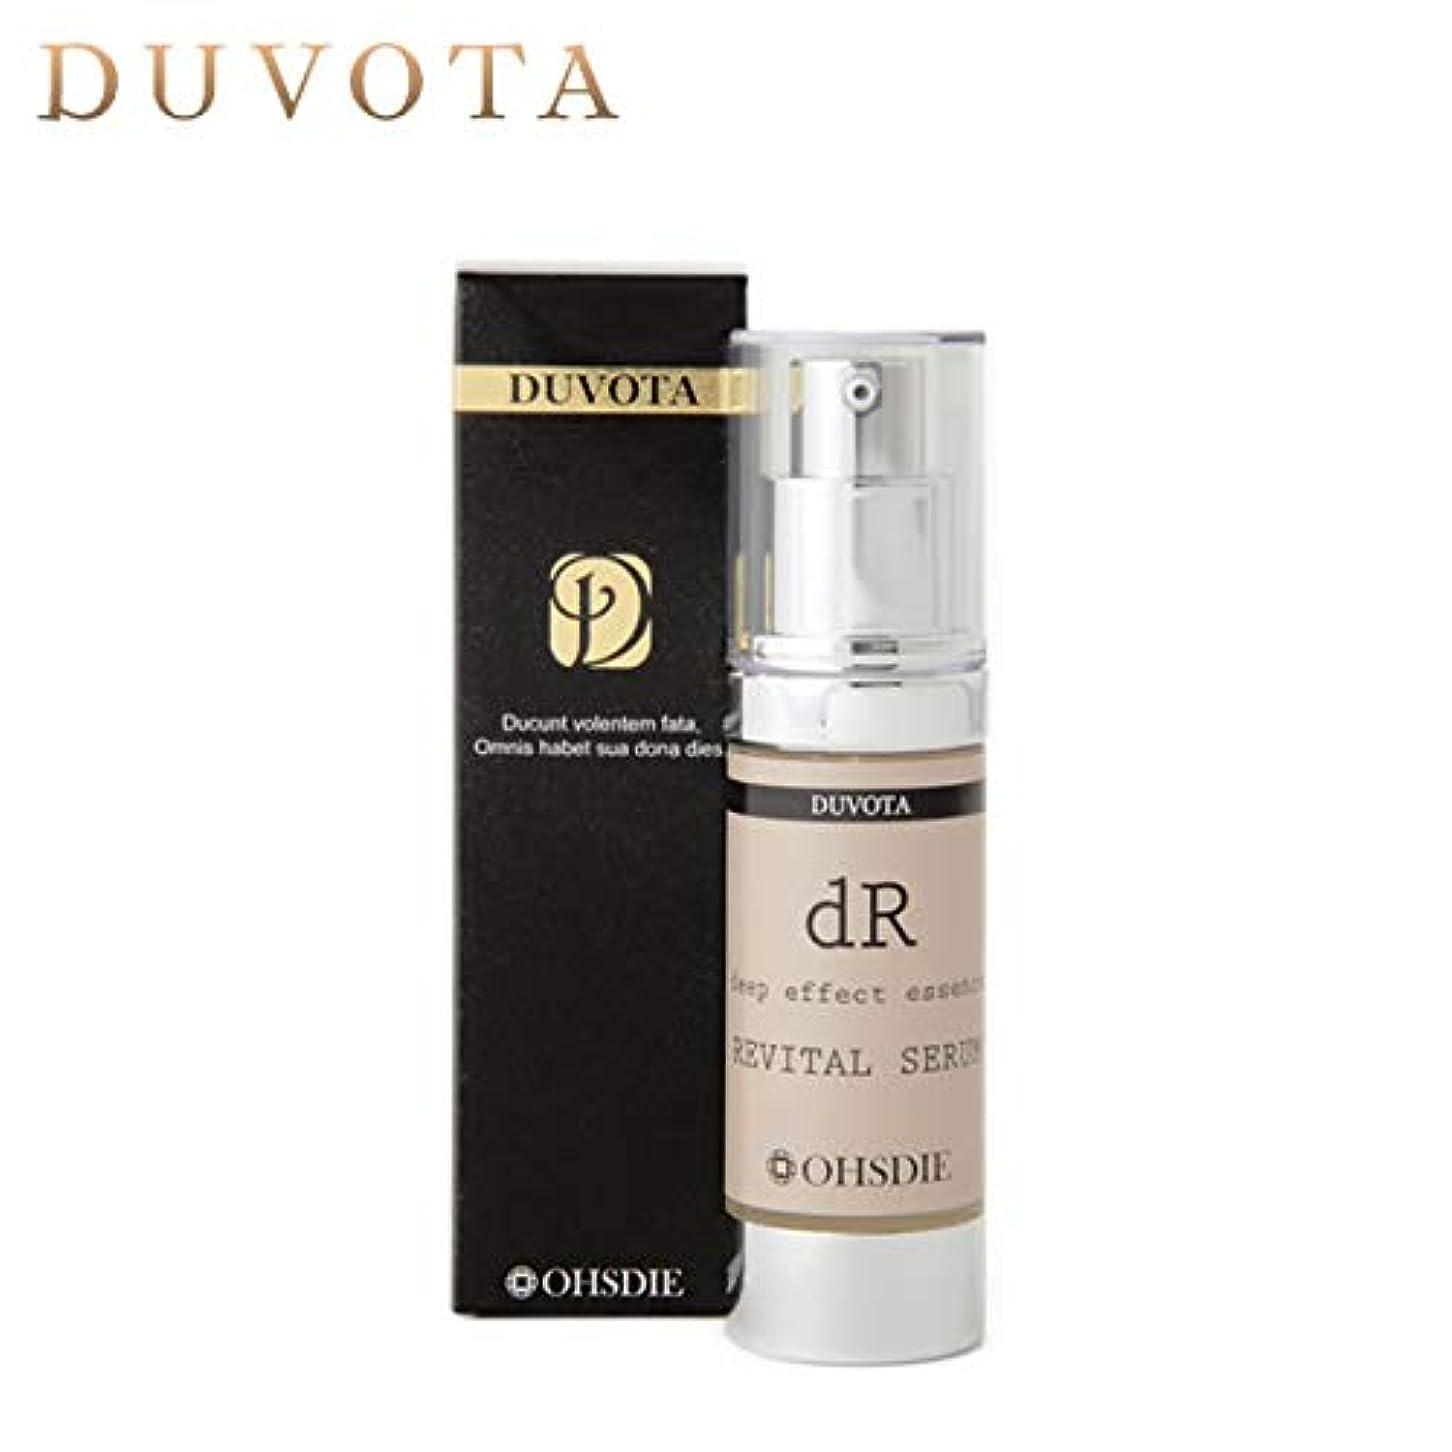 従順な期限郵便EGF 幹細胞 美容液 DUVOTA(ドゥボータ)ディープエフェクトエッセンスDリバイタルセラム 30ml / 馬プラセンタ ナールスゲン エレクトロポーション導入 エクラフレーズ 美顔器 リフトアップ 敏感肌 おすすめ